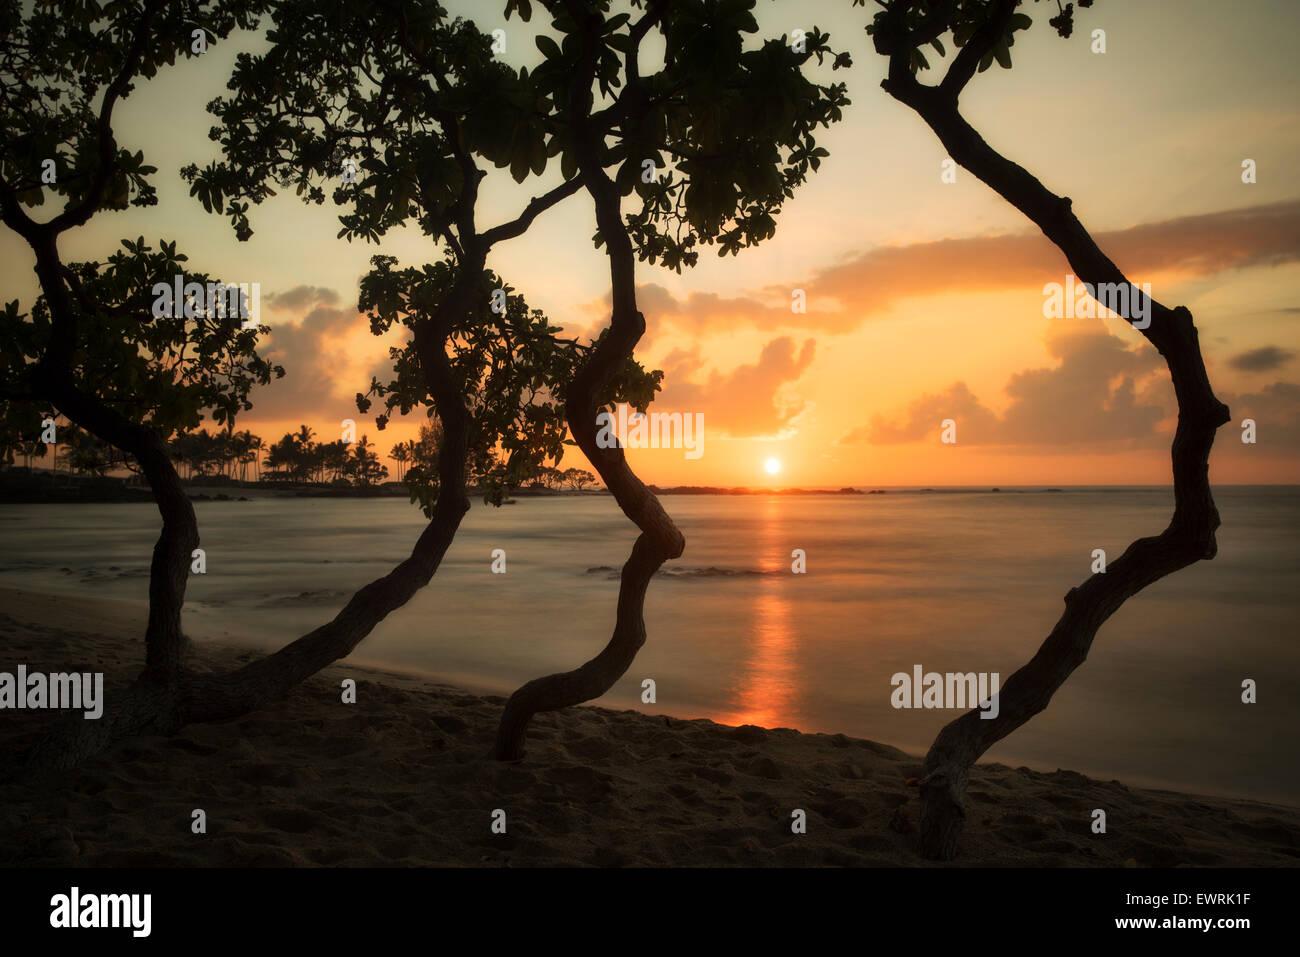 Coucher du soleil à travers les arbres sur la côte Kohala. New York, la grande île. Photo Stock